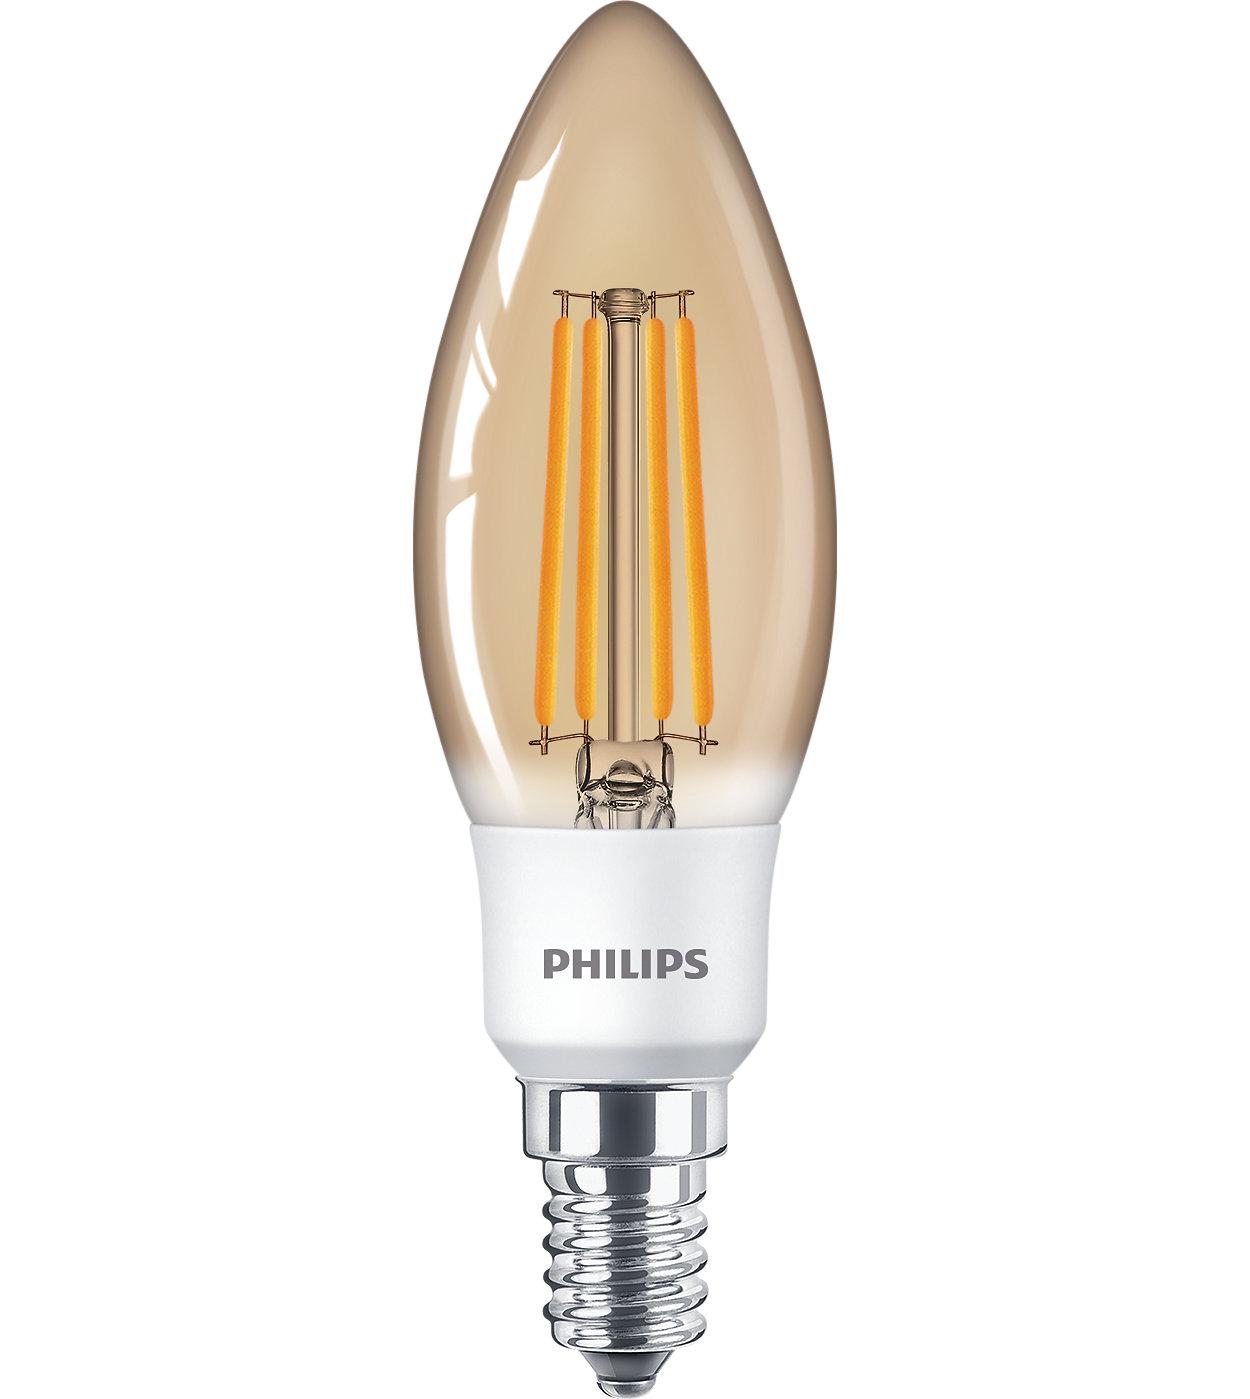 Lâmpadas de filamento de LED clássicas para iluminação decorativa